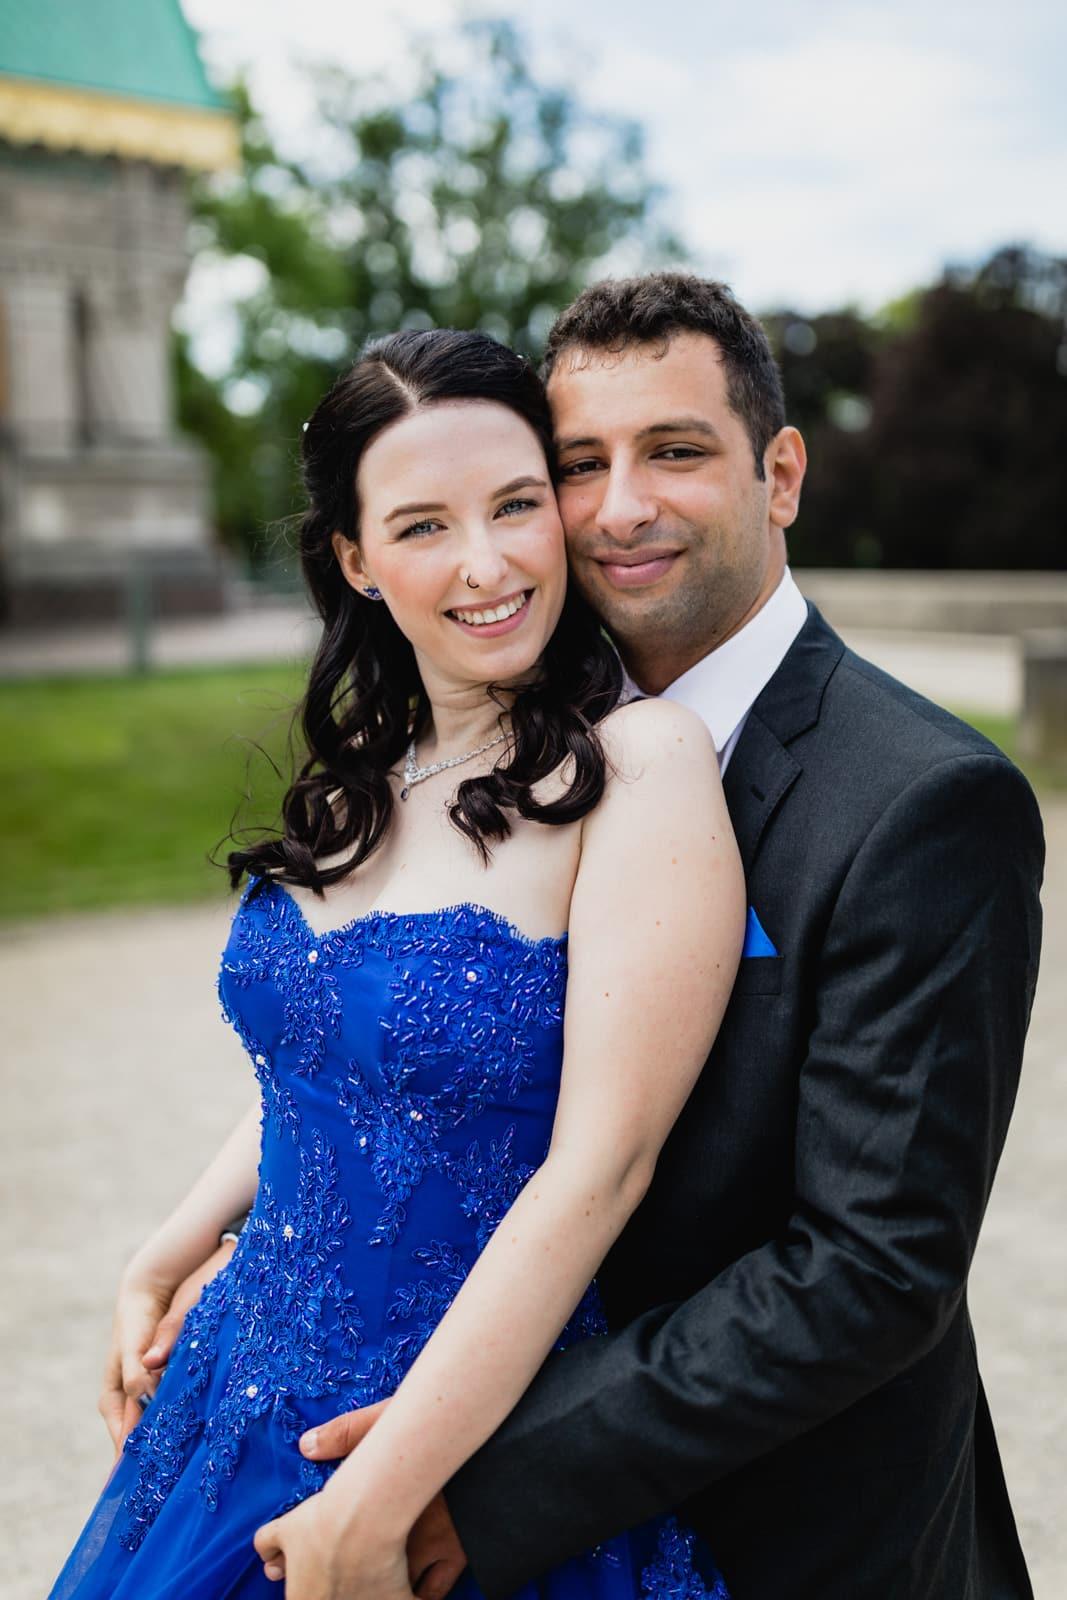 Braut und Bräutigam stehen voreinander angeschmiegt und lachen in die Kamera